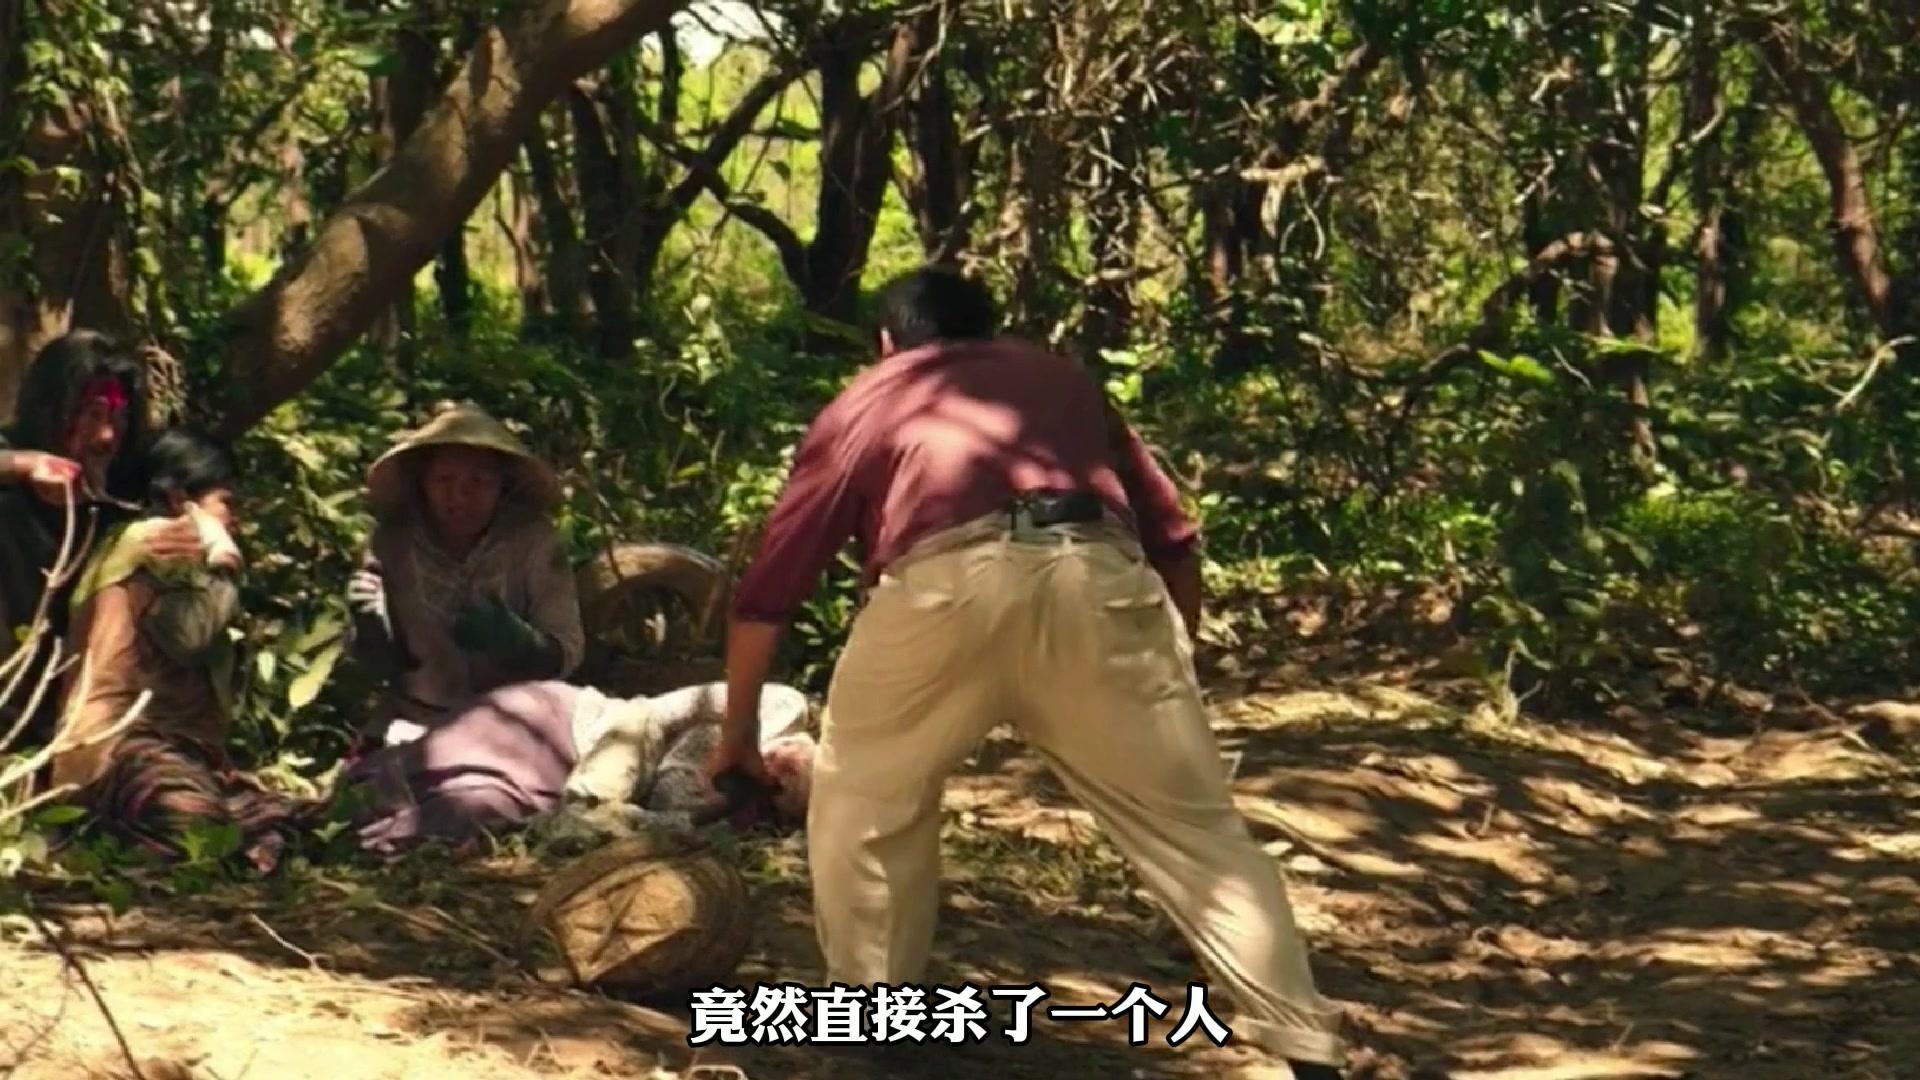 真实故事改编《湄公河行动》